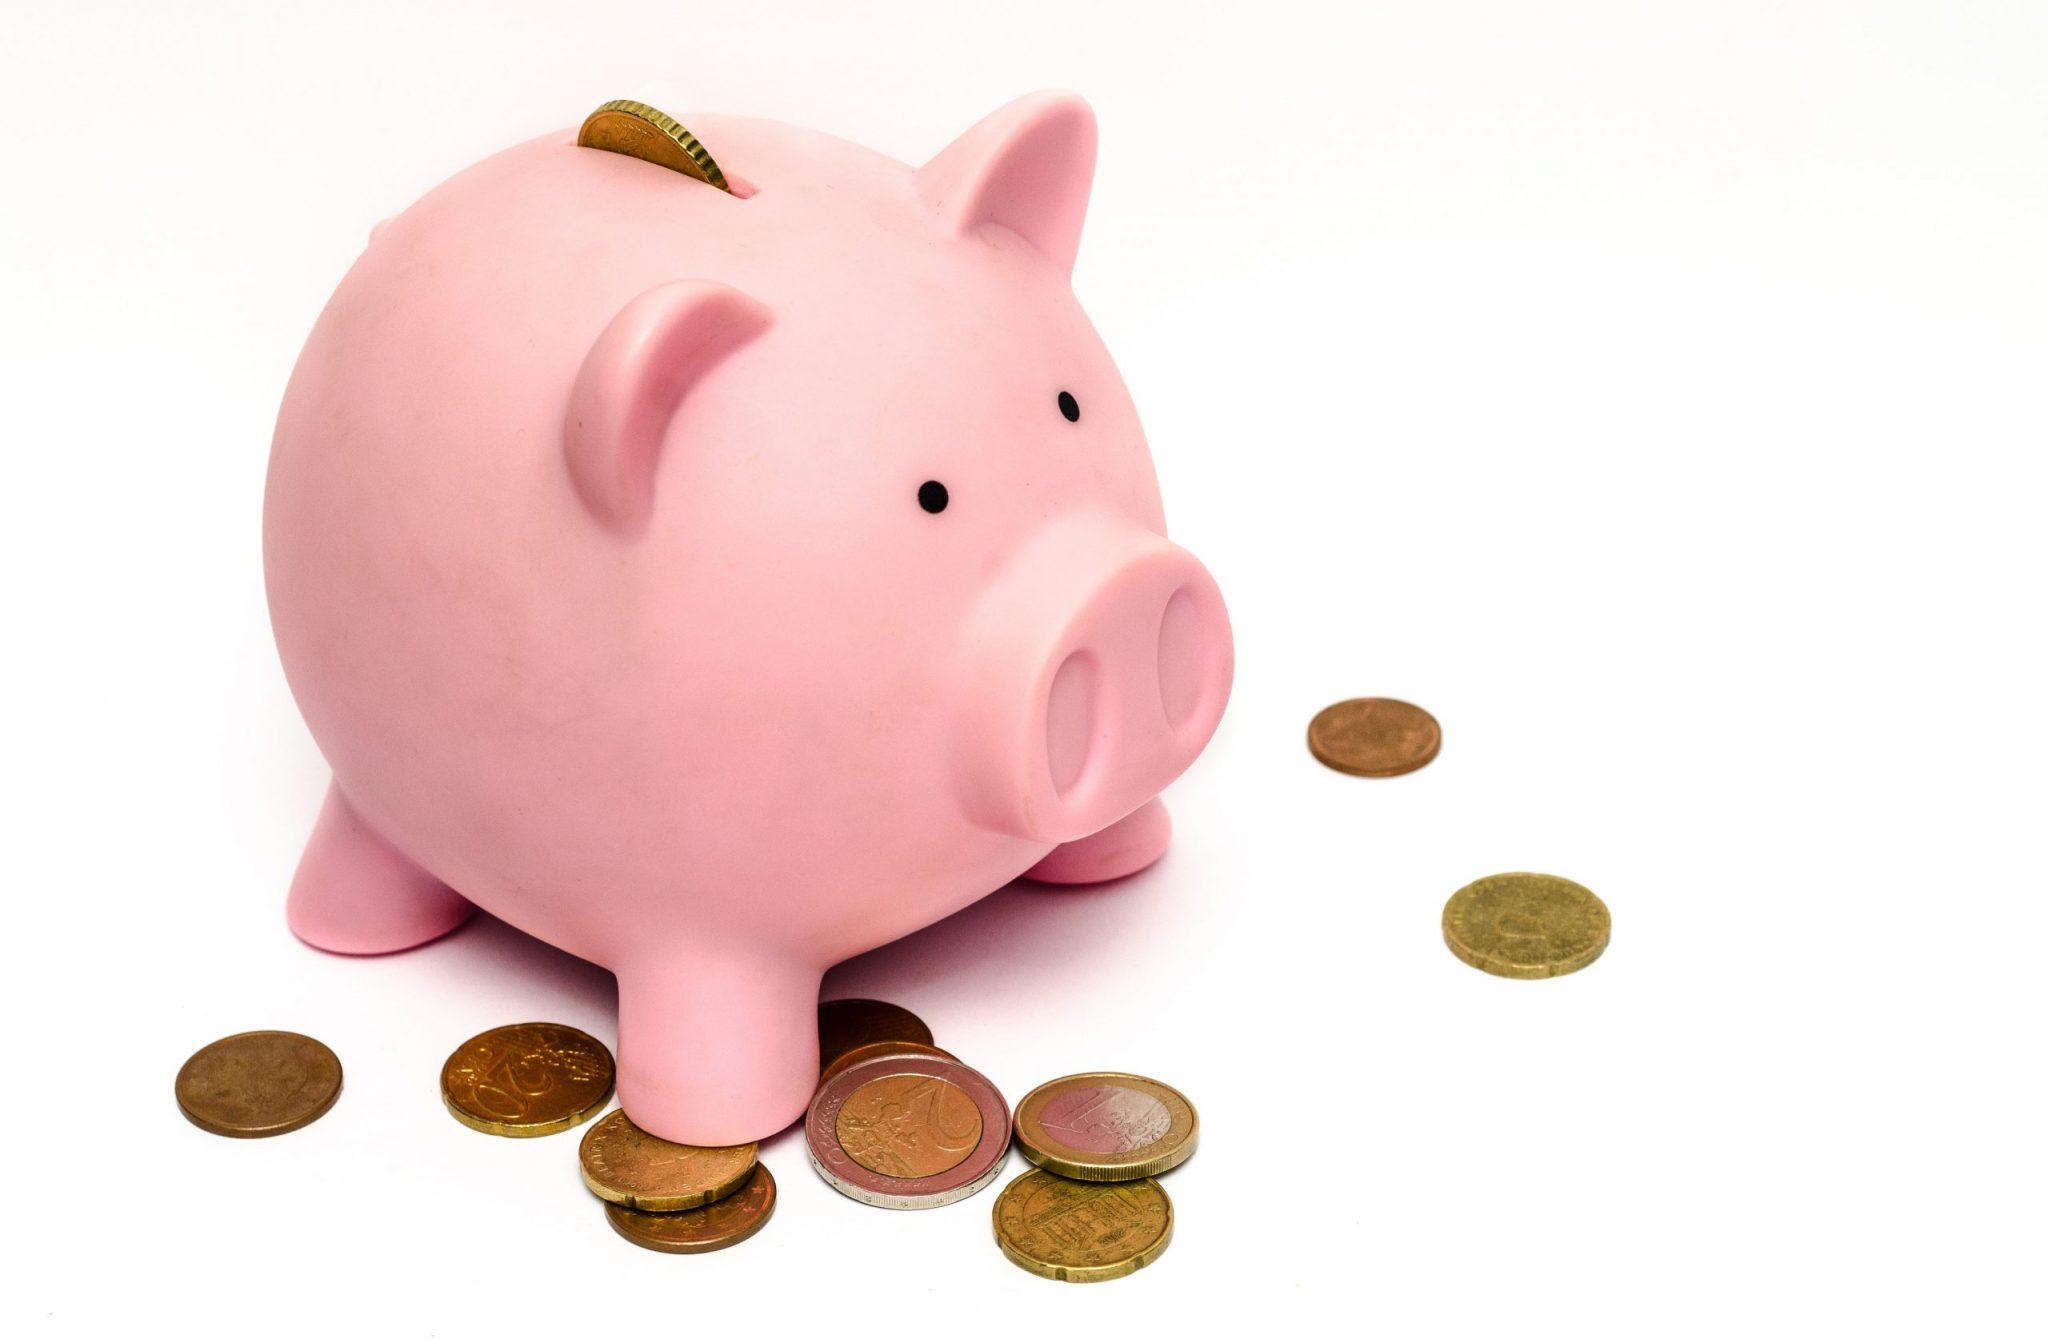 Condições patológicas eximem o contribuinte de pagamento, mas não da Declaração do Imposto de Renda.